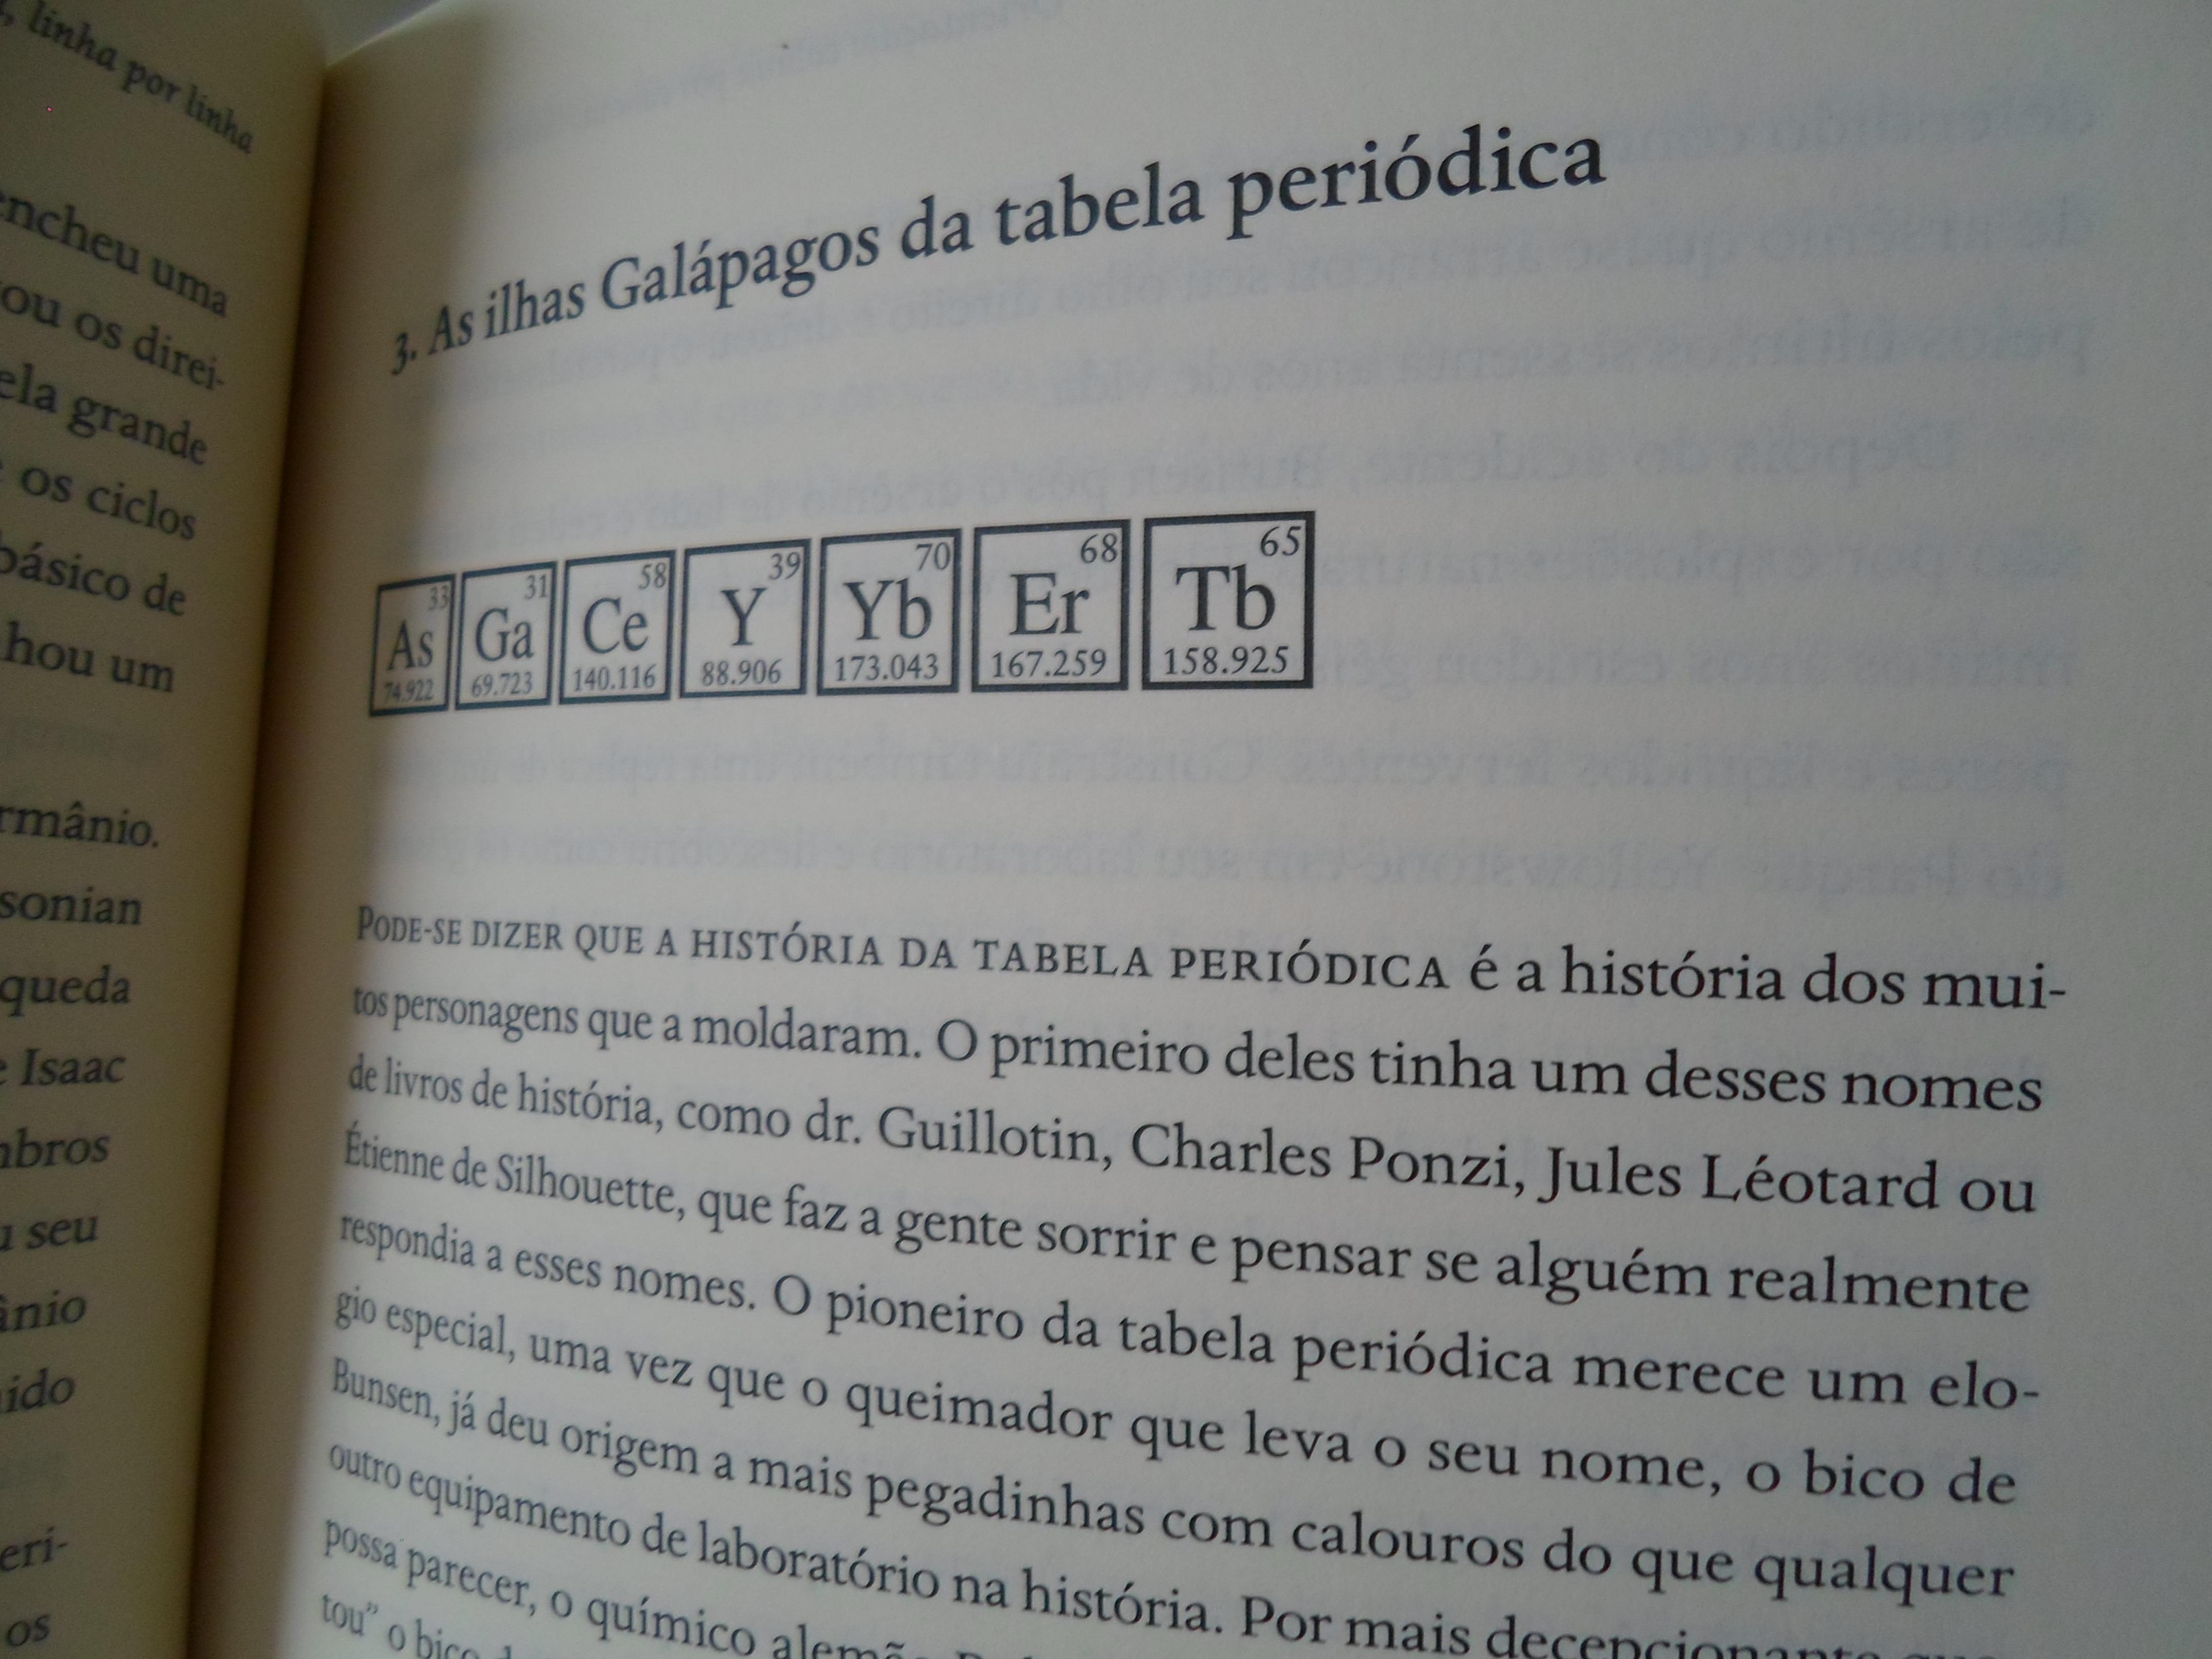 Colher09